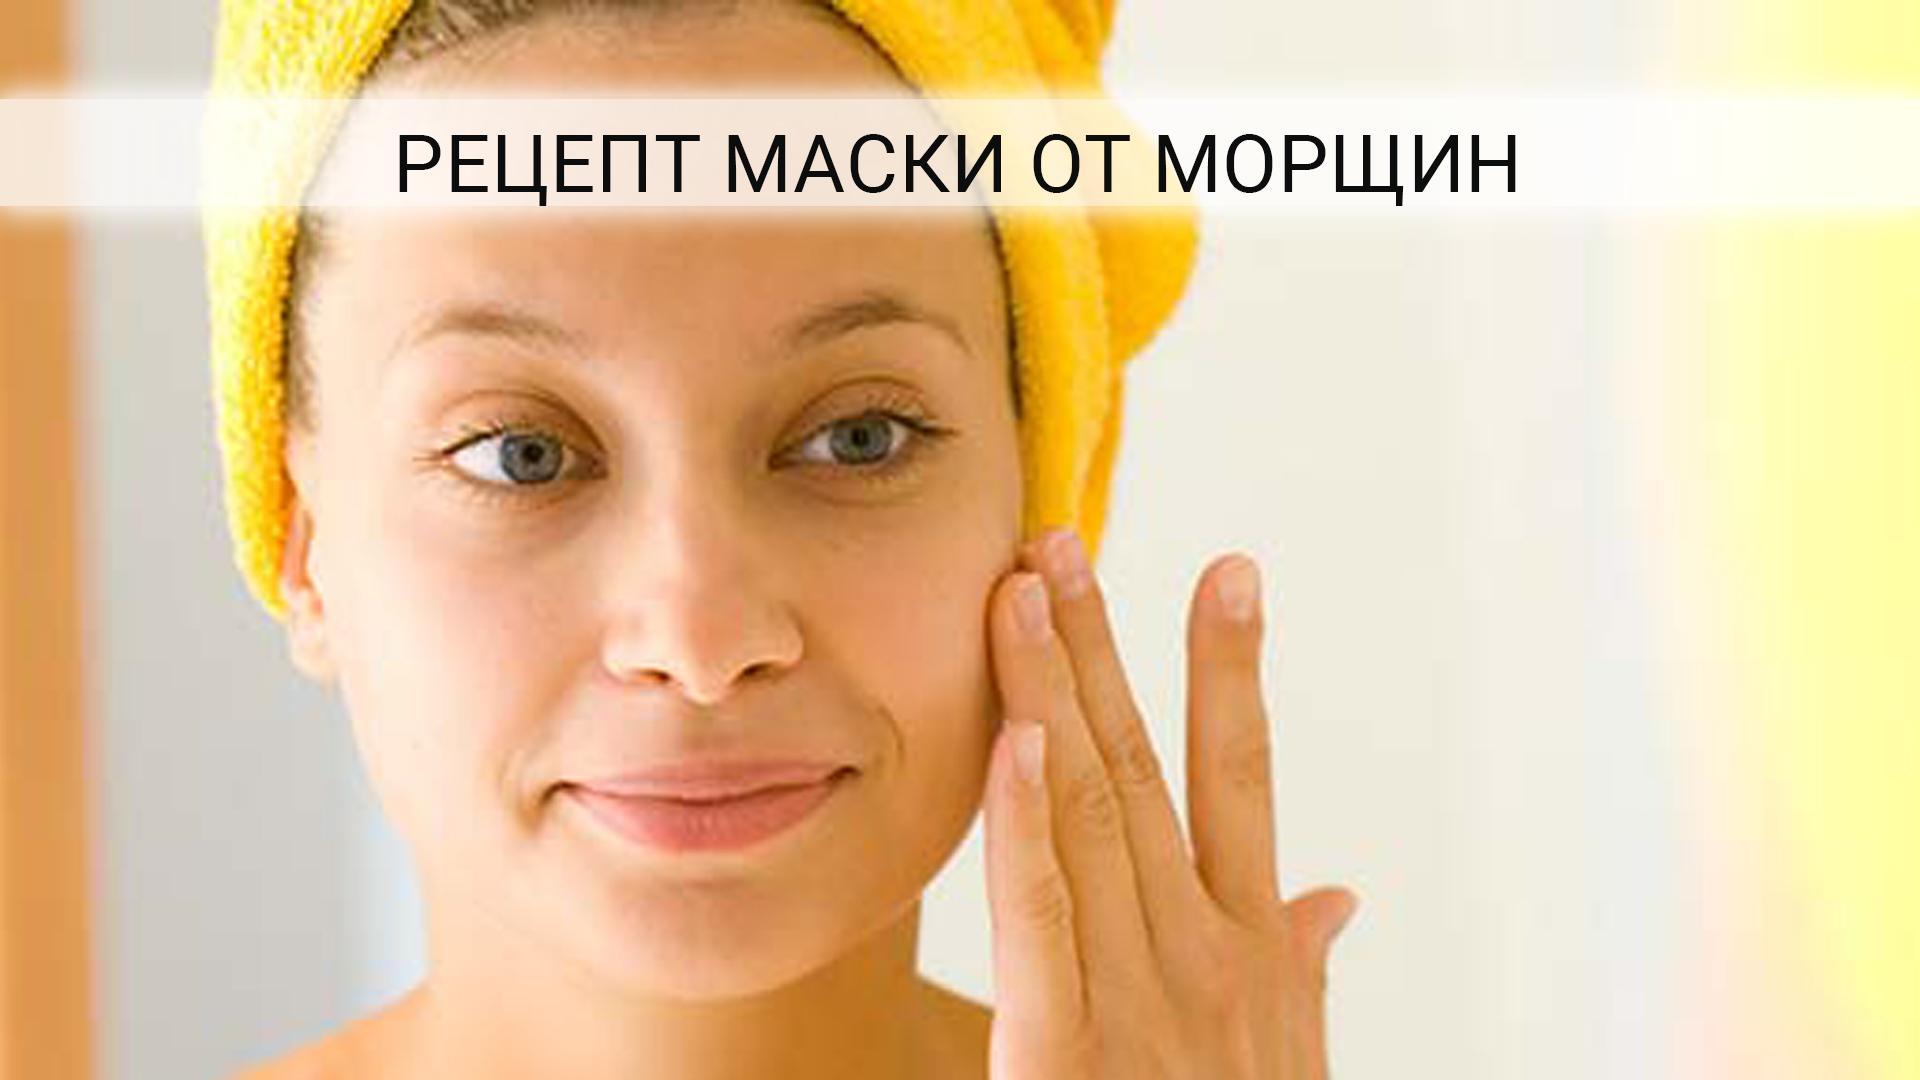 Рецепт омолаживающей маски